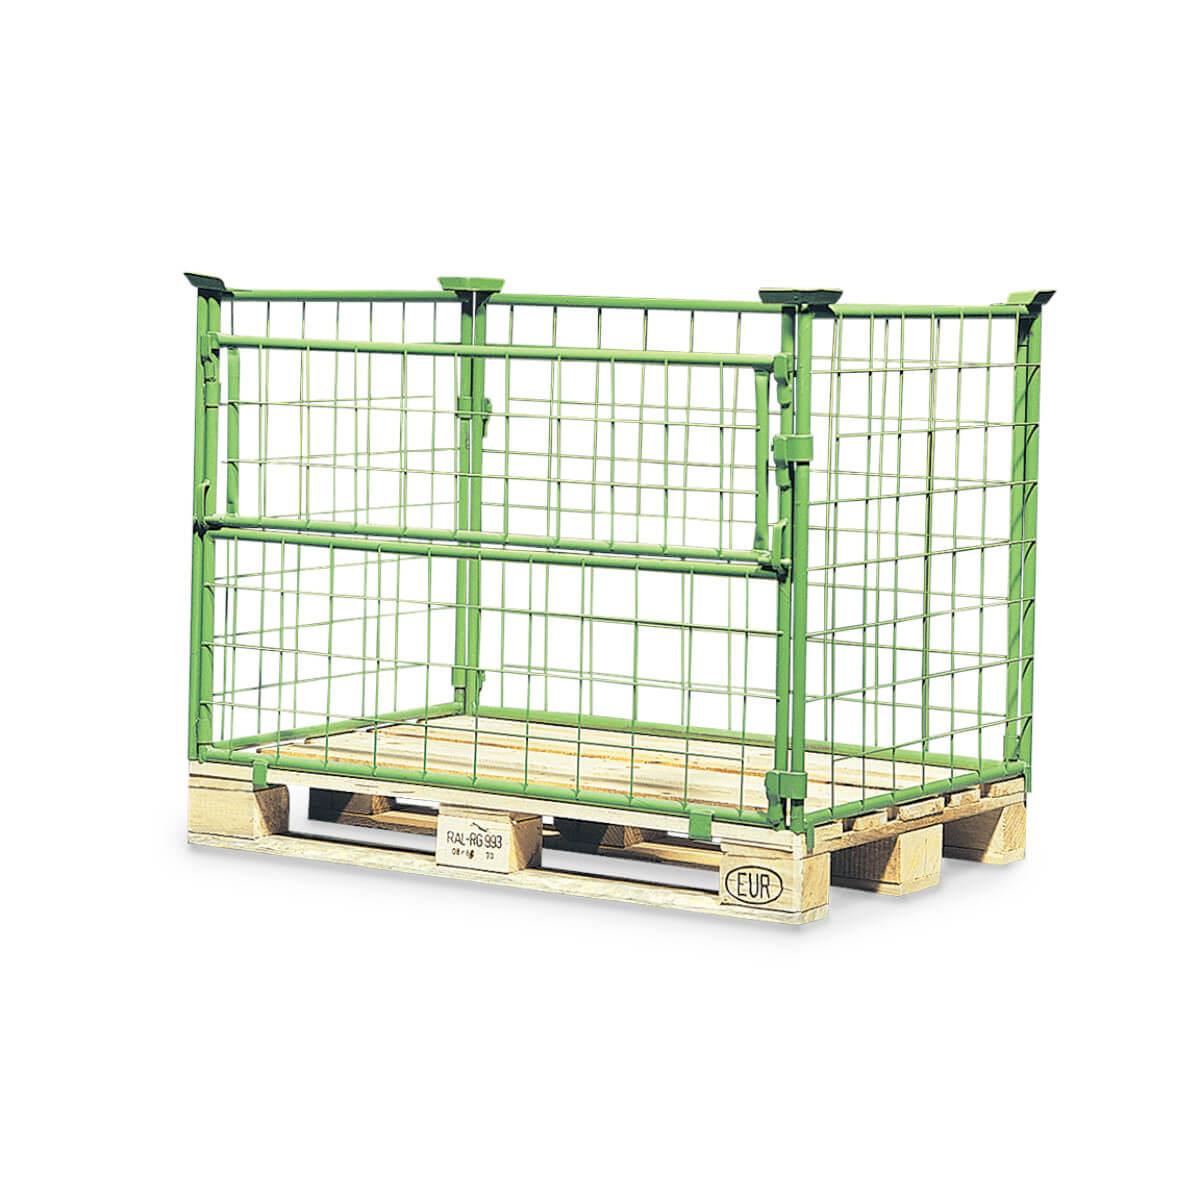 Grüner Gitteraufsatzrahmen mit Klappe auf einer Europalette